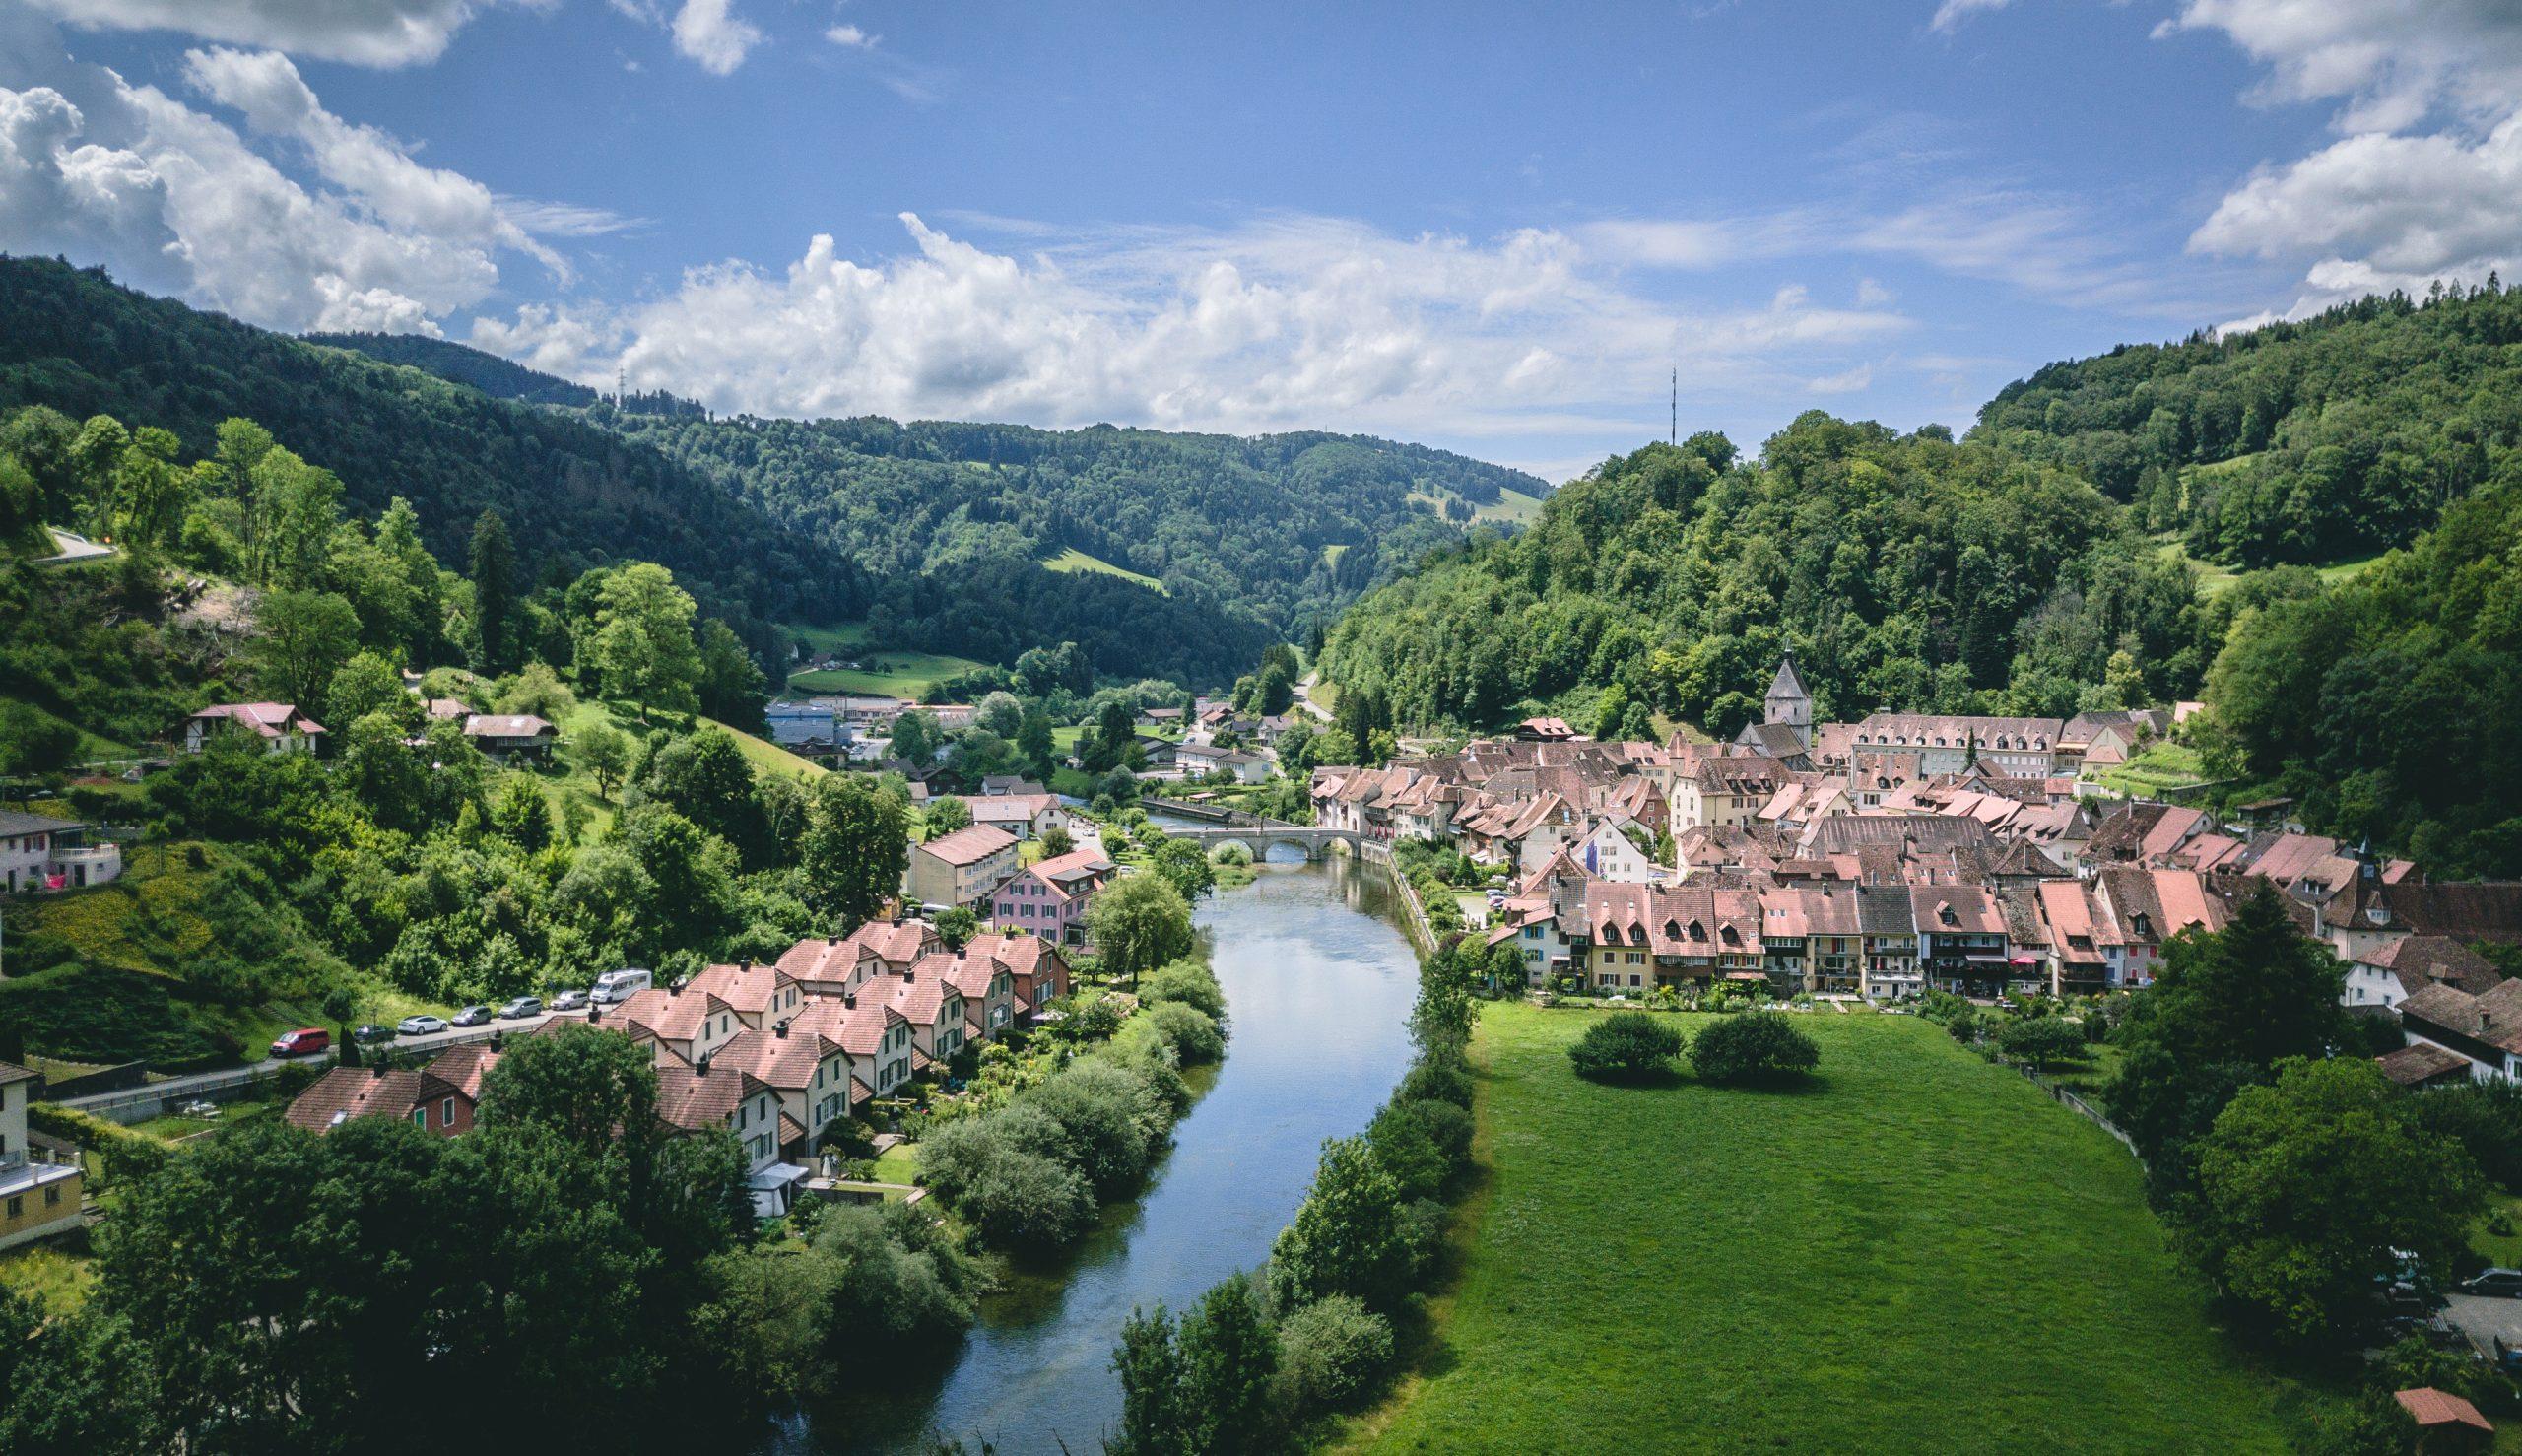 Guide du camping dans le Jura suisse : les meilleurs endroits et activités